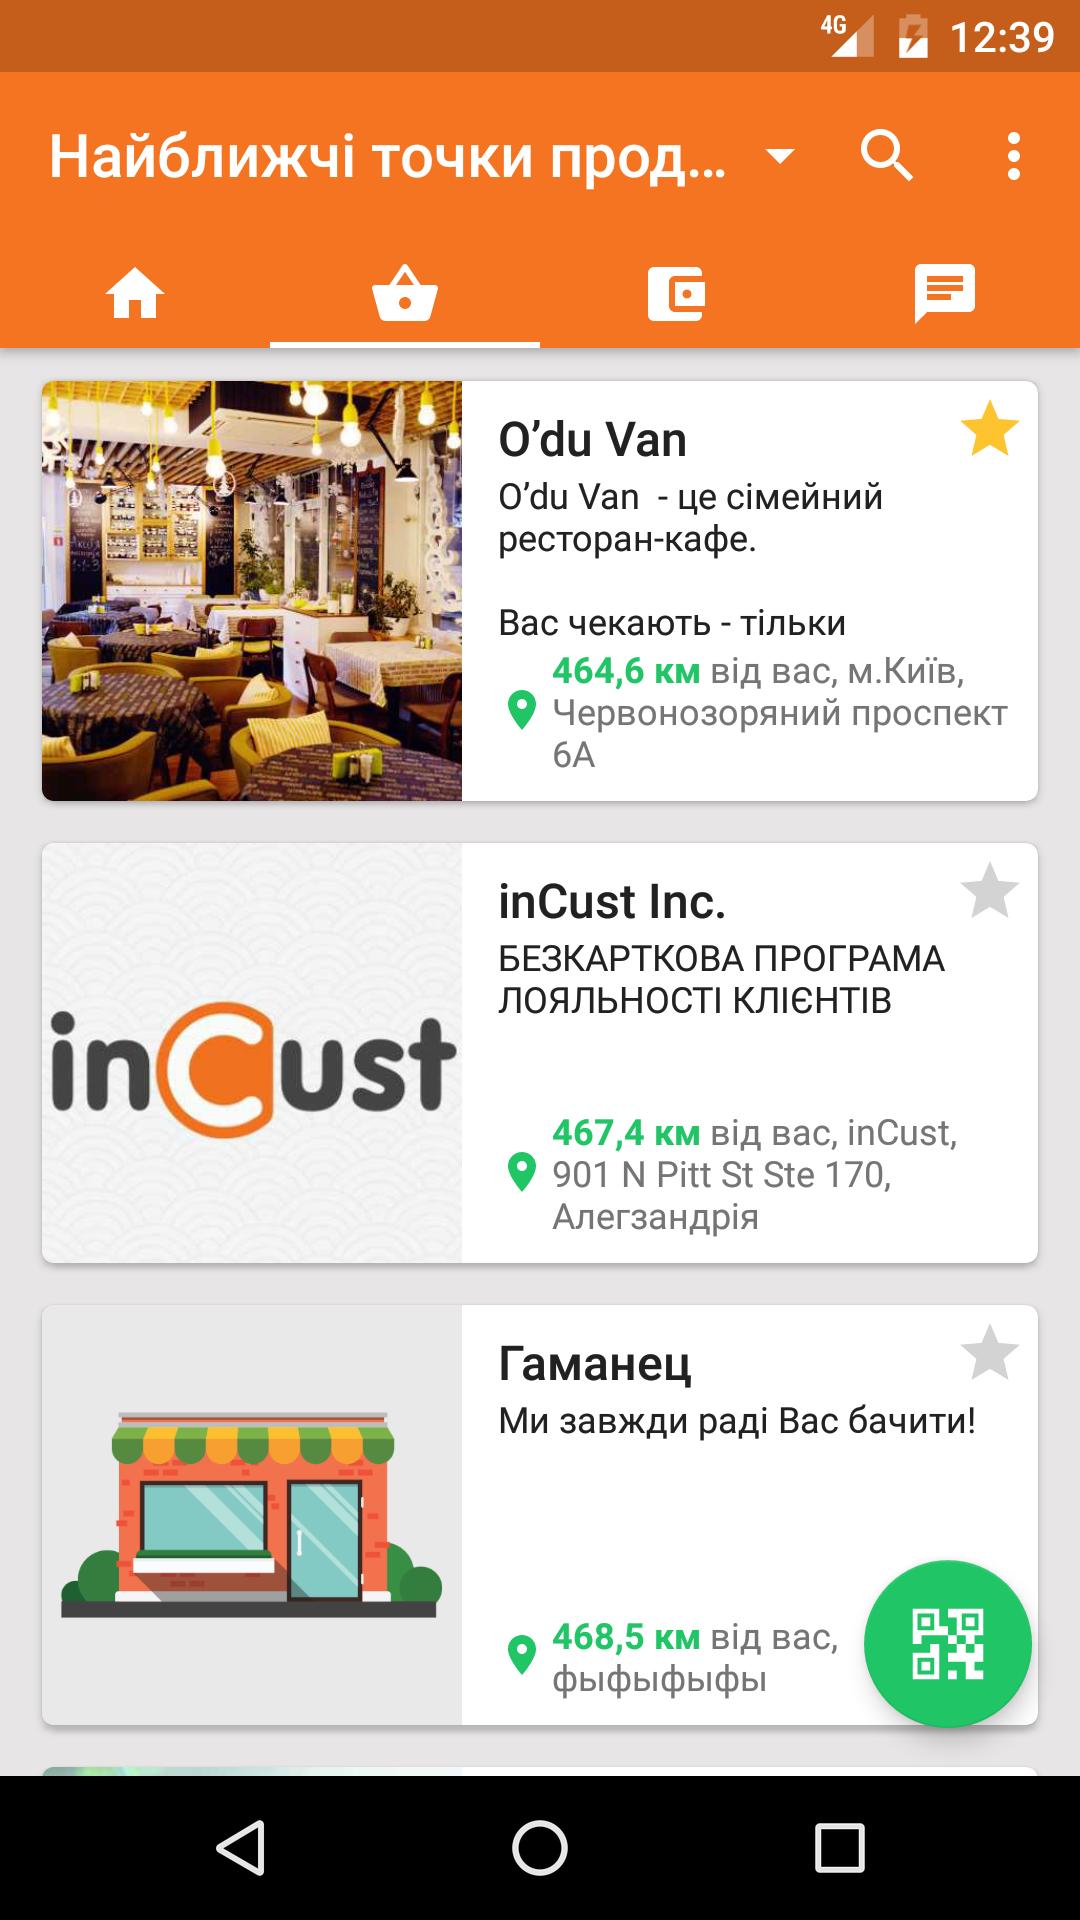 Мобільний додаток inCust: інформація про компанію, торгові точки, контакти, програми лояльності